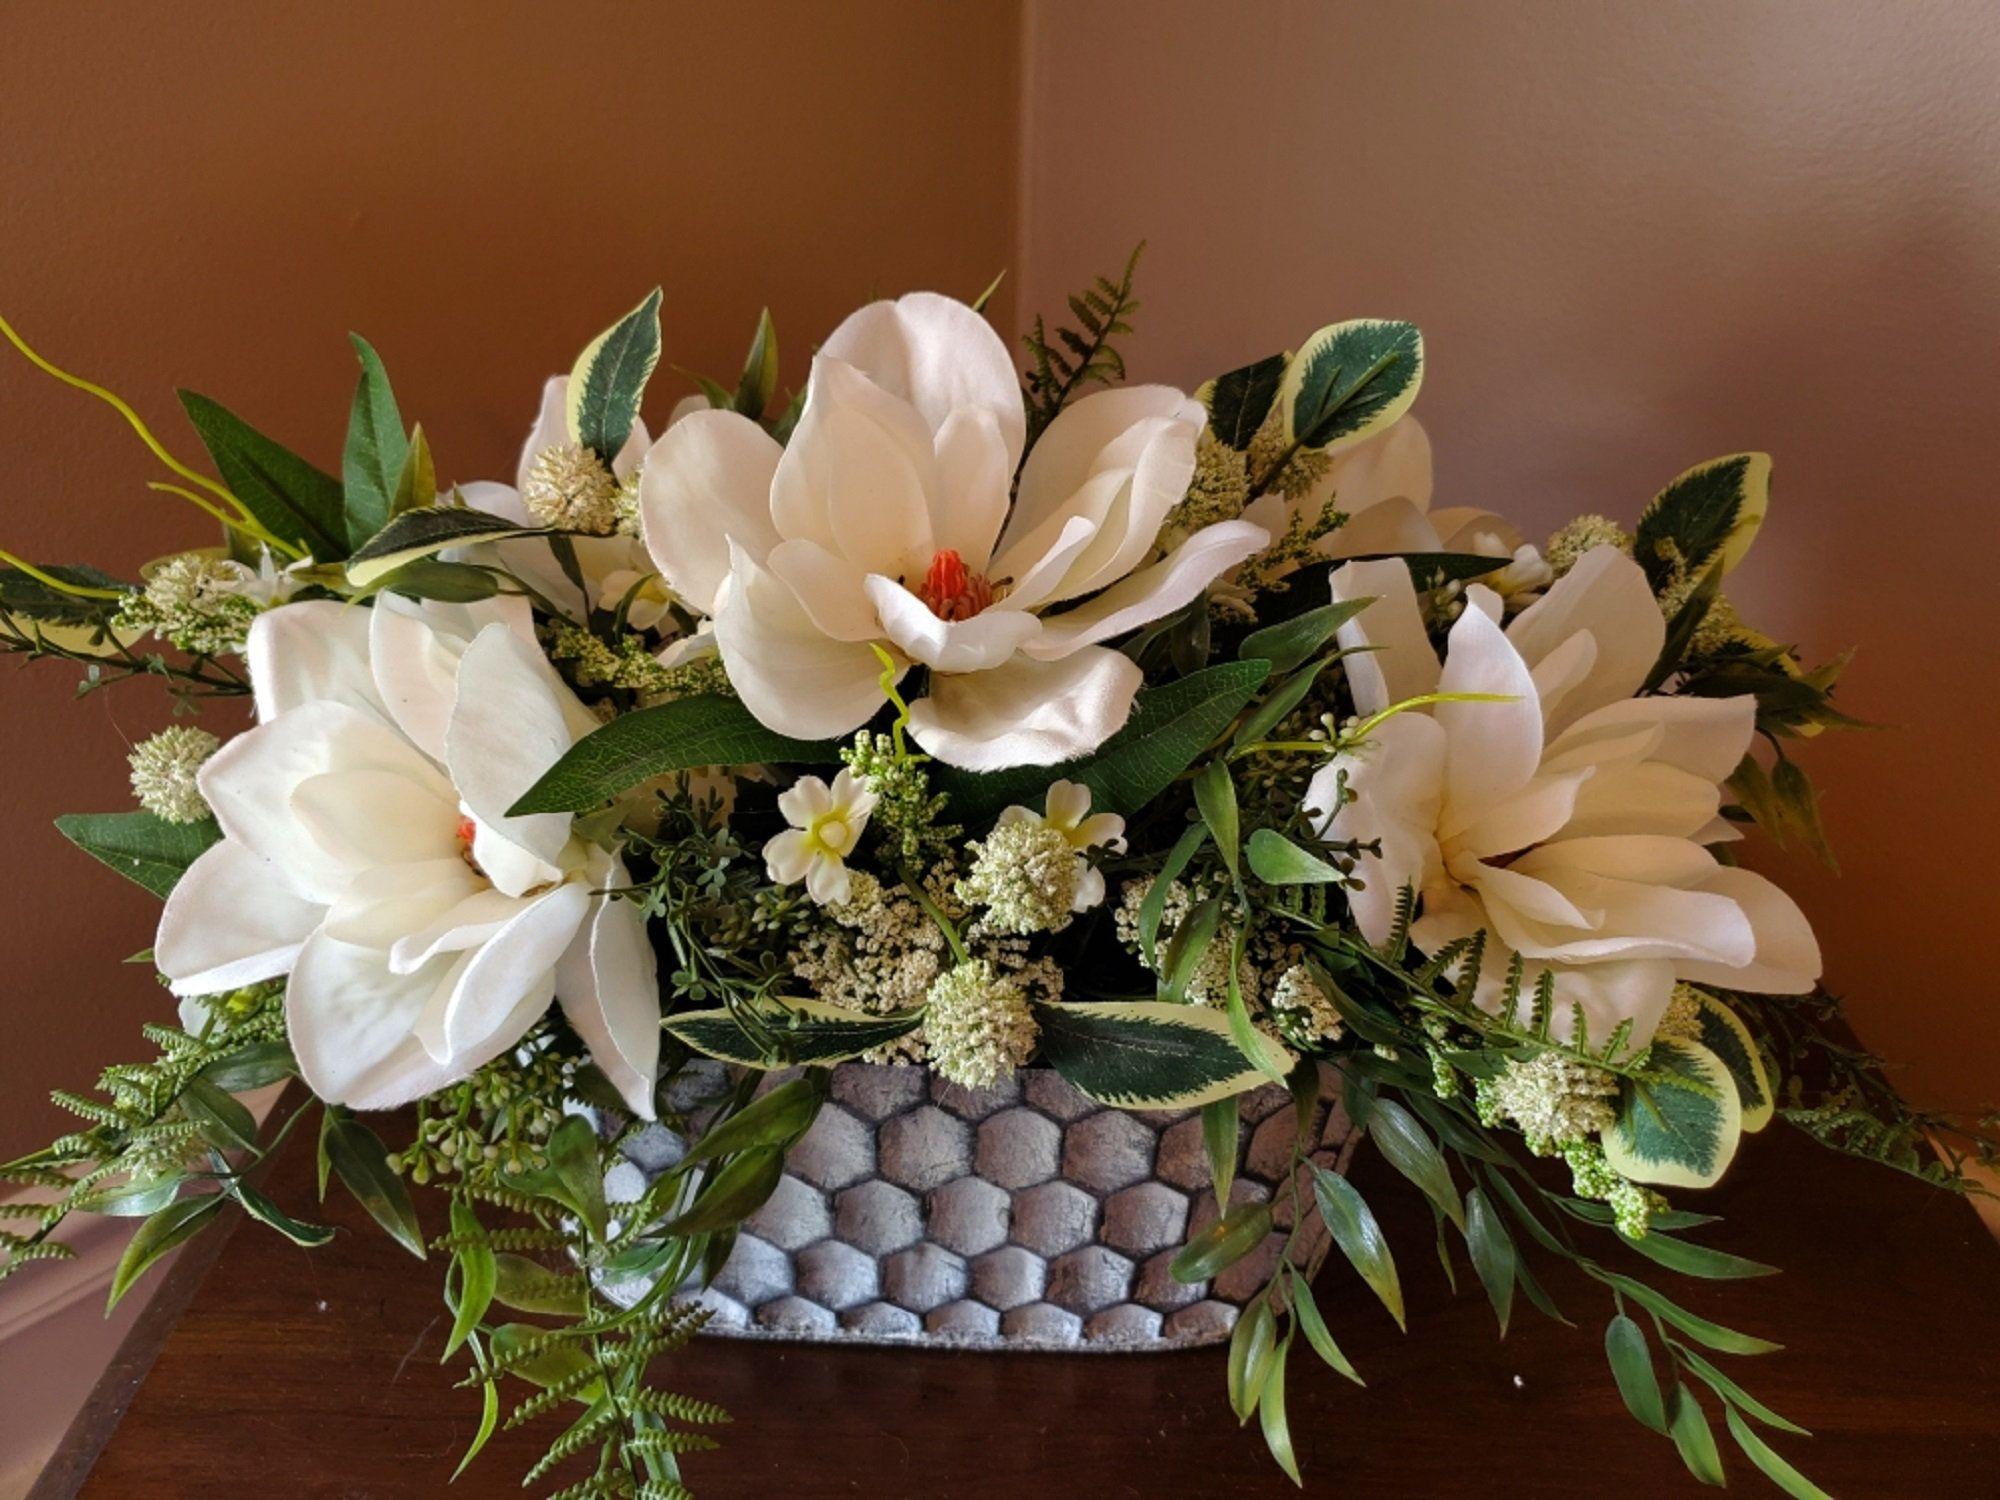 Magnolia Centerpiece Farmhouse Centerpiece Year Around Etsy Magnolia Centerpiece Spring Table Decor Farmhouse Centerpiece